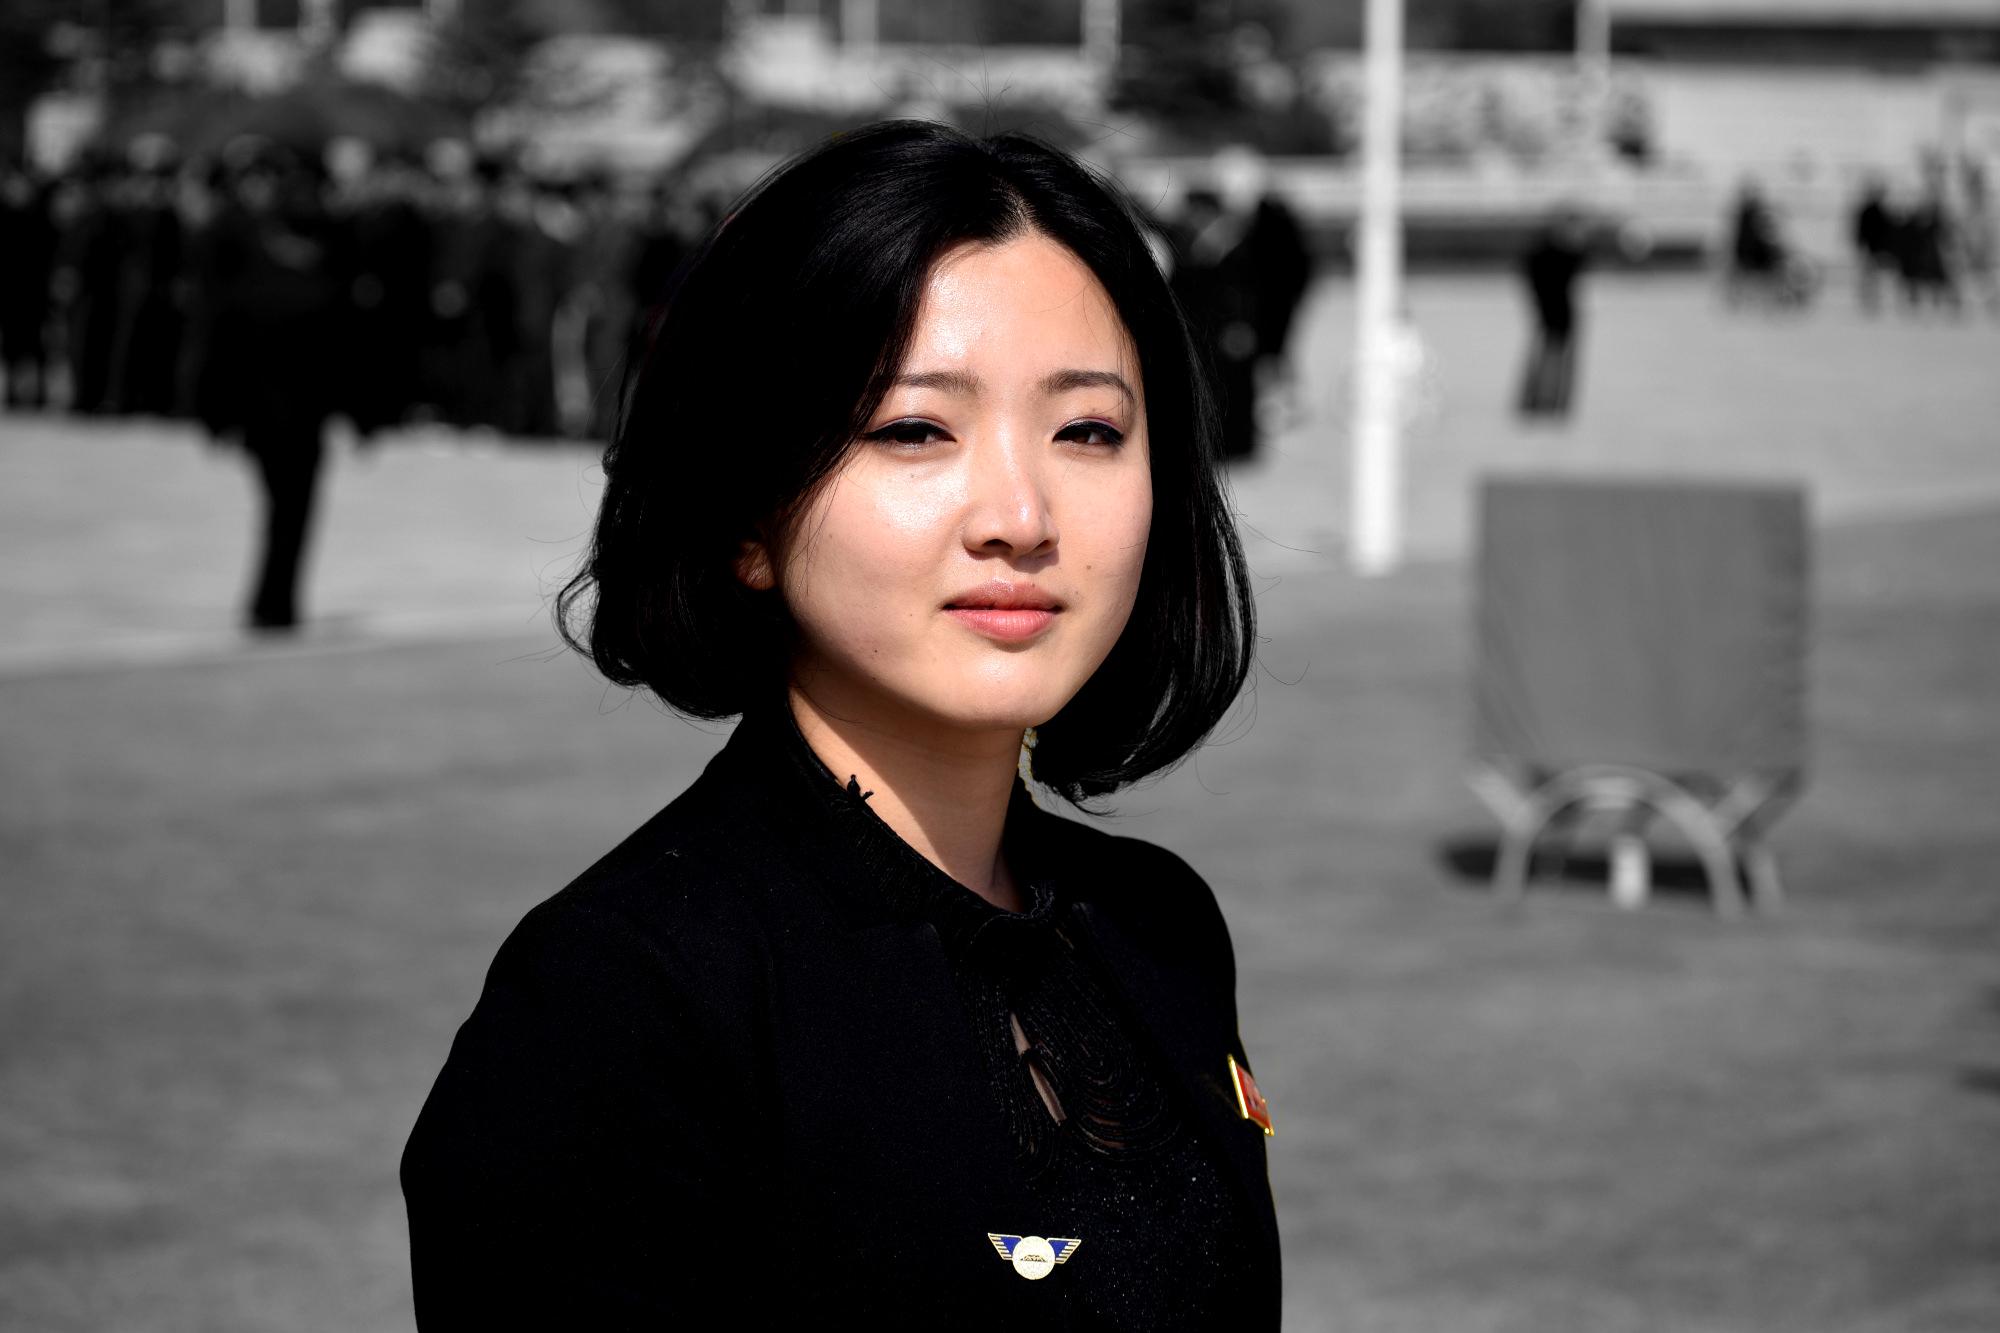 ong Hyang, una guía de Corea del Norte hispanohablante. KTG trabaja con los mejores guías de Corea del Norte